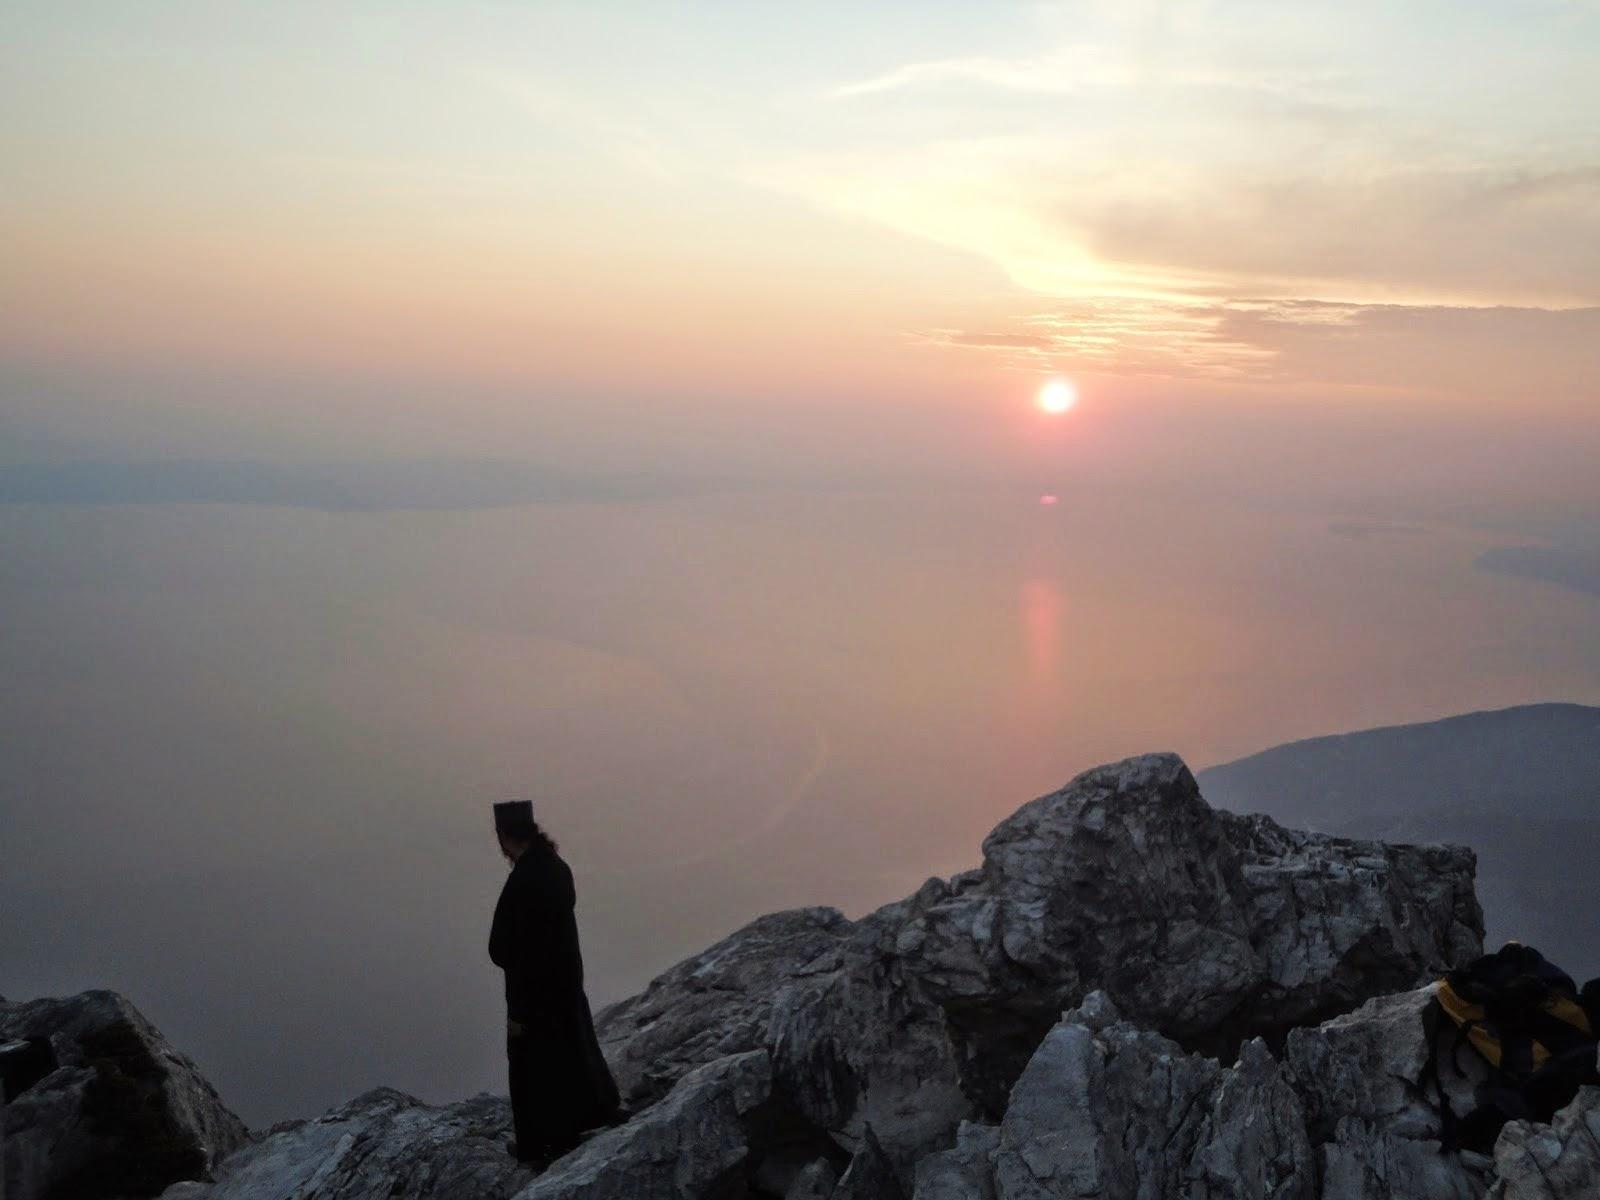 Αποτέλεσμα εικόνας για μοναχός σε βράχια